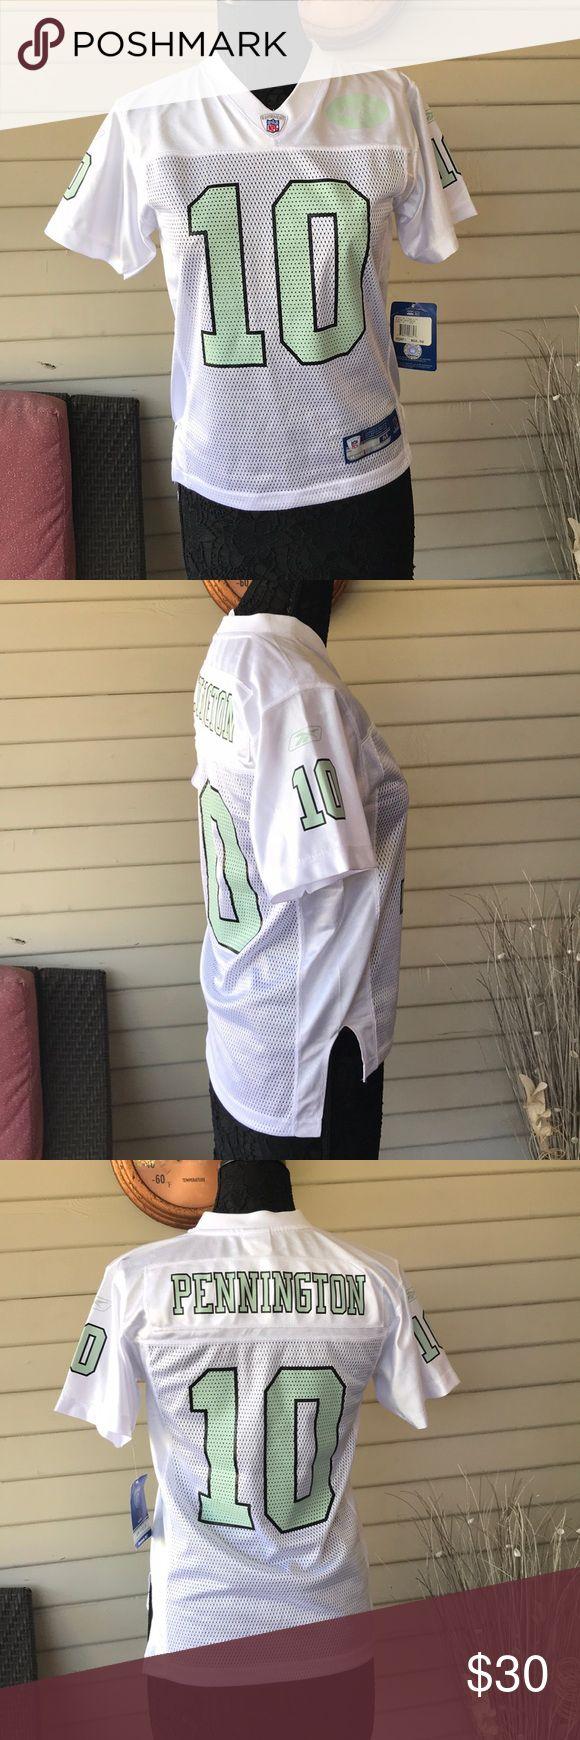 Reebok NFL Jets Pennington #10 Jersey Reebok NFL Jets Pennington #10 Jersey Damages as pictured Reebok Tops Tees - Short Sleeve